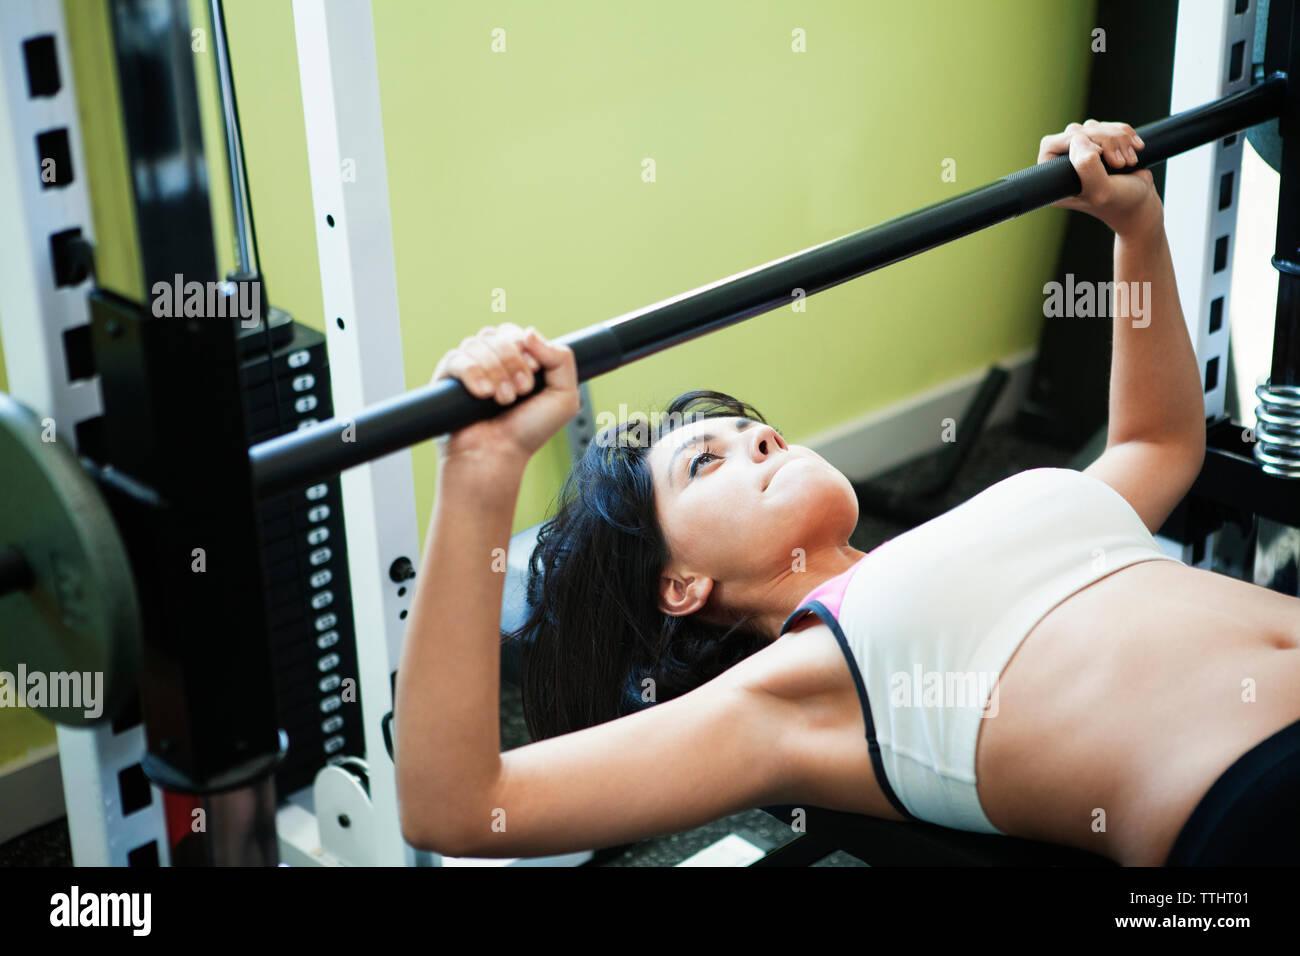 Un alto ángulo de visualización de la mujer que practica el levantamiento de pesas en el gimnasio de press de banca Foto de stock